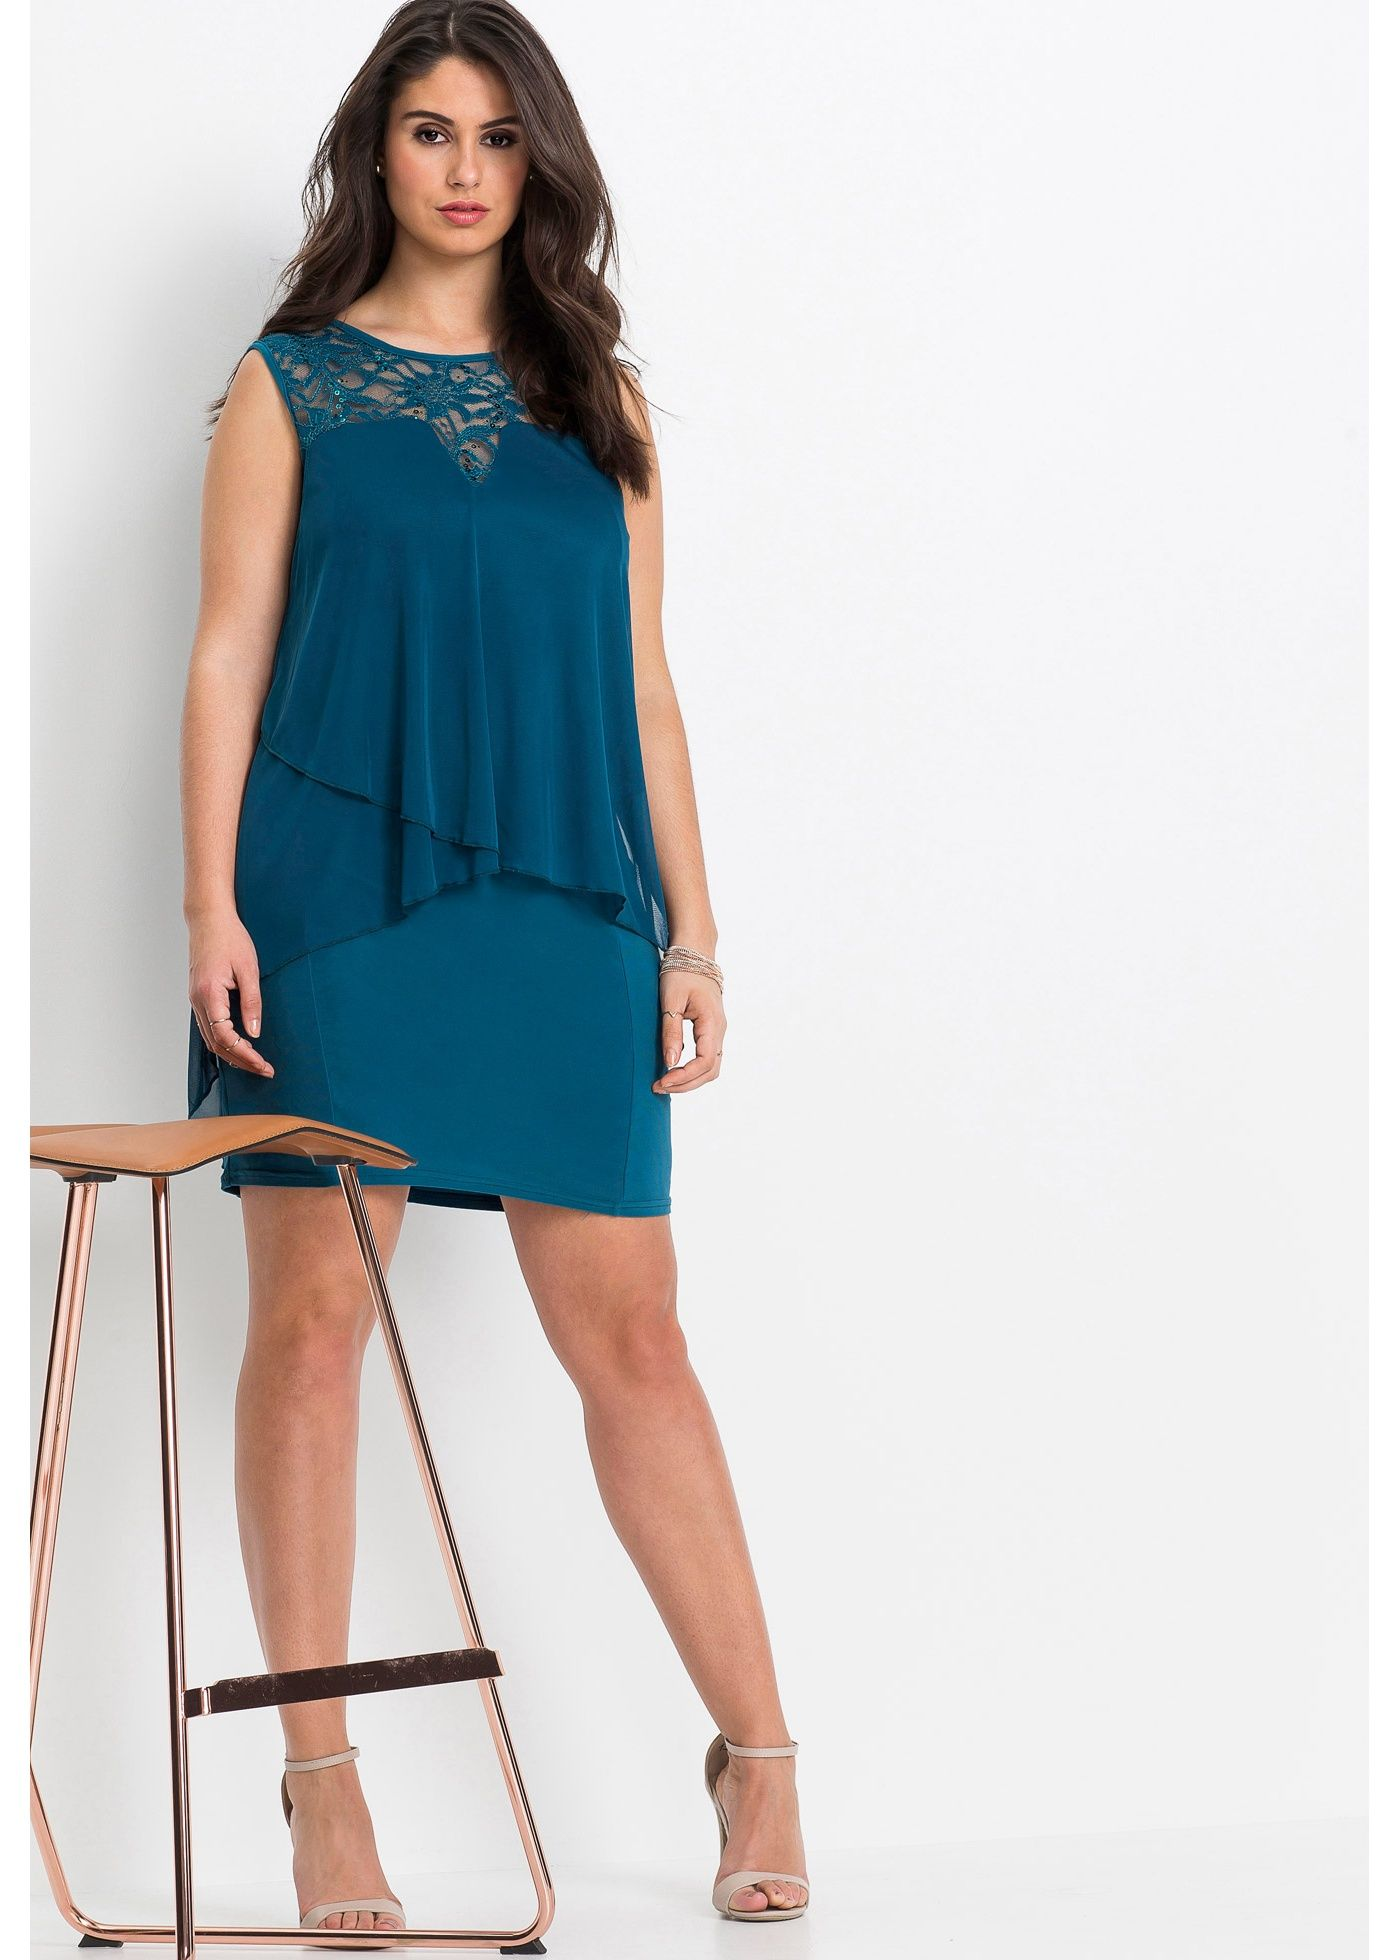 Kleid mit Pailletten vintagerosa - BODYFLIRT jetzt im Online Shop ...